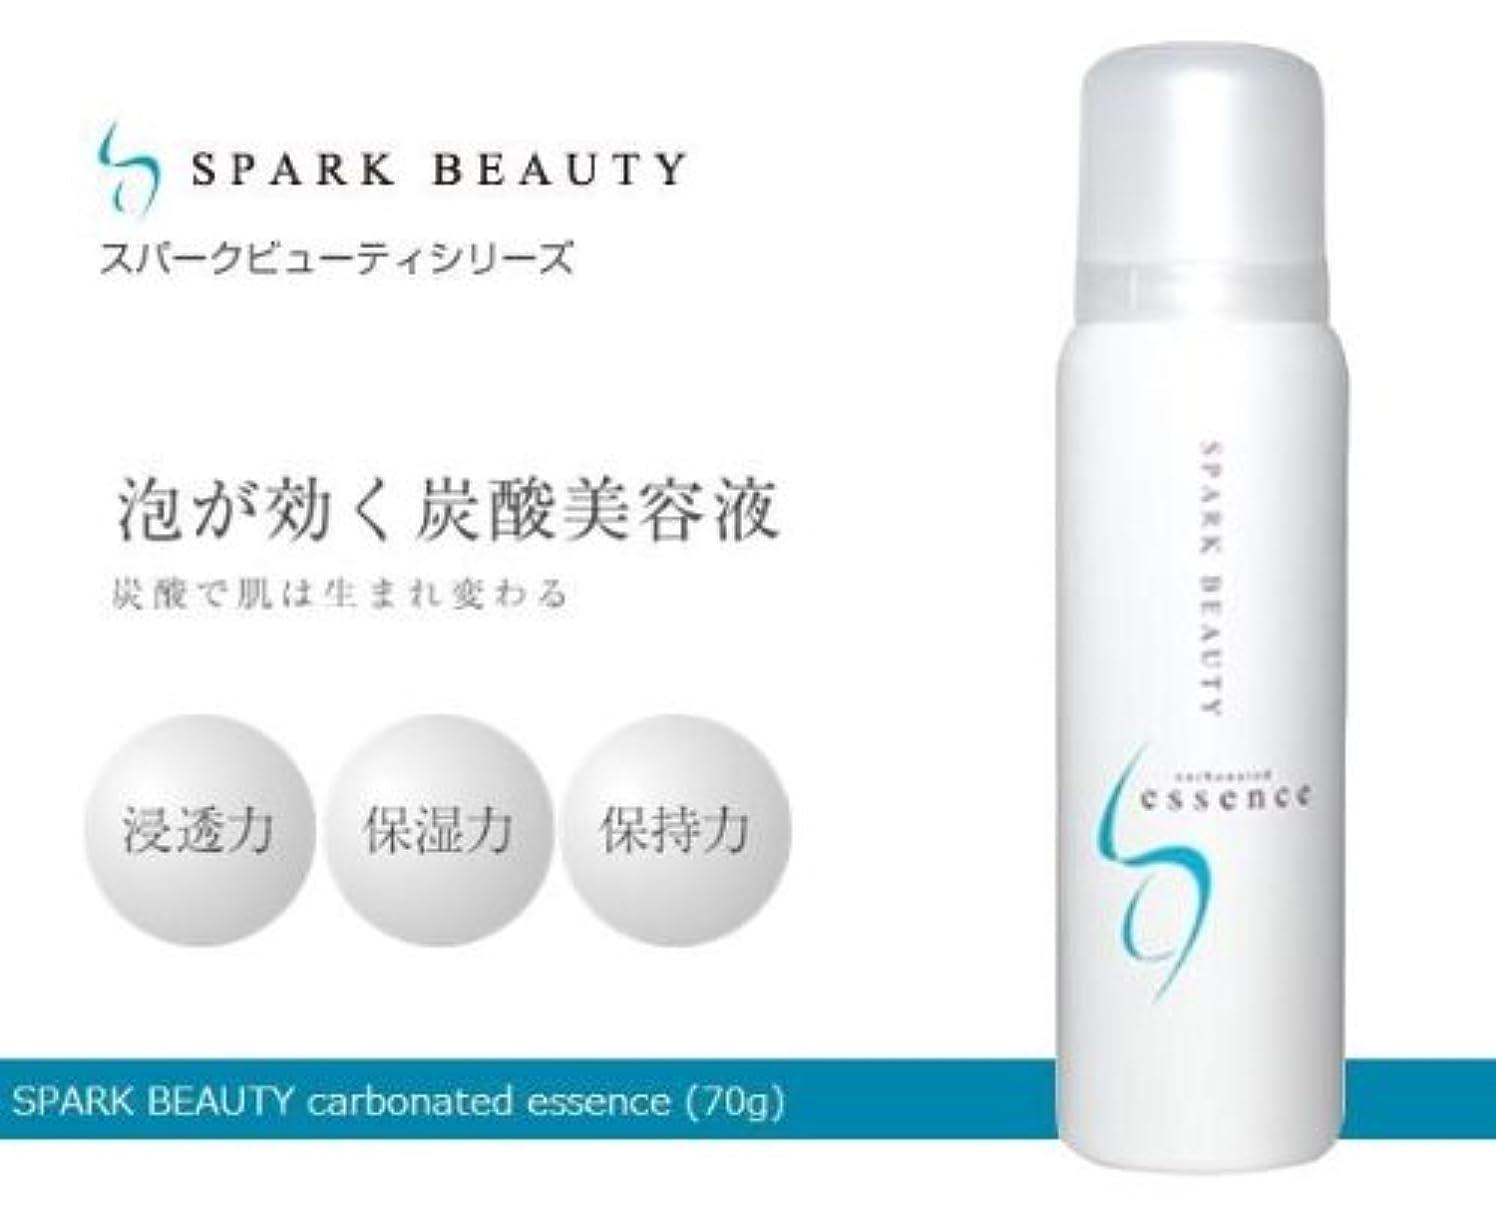 不健康慈悲深い宿題SPARK BEAUTY スパークビューティー 炭酸美容液 70g